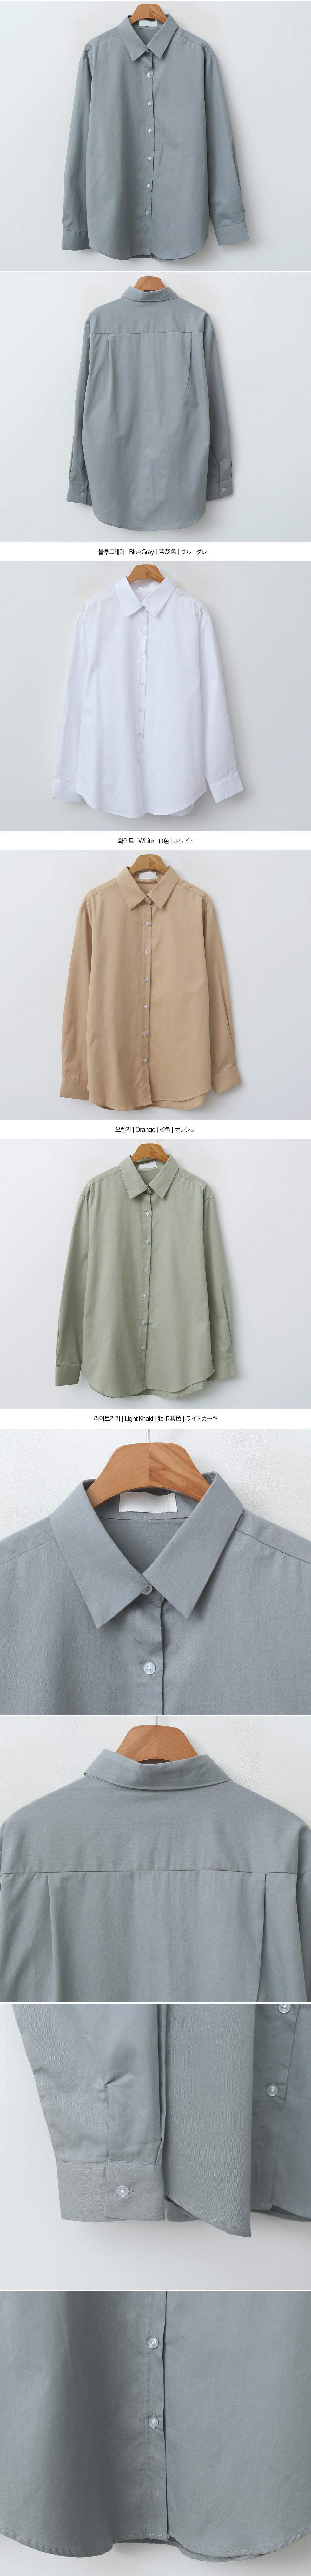 마일루즈셔츠